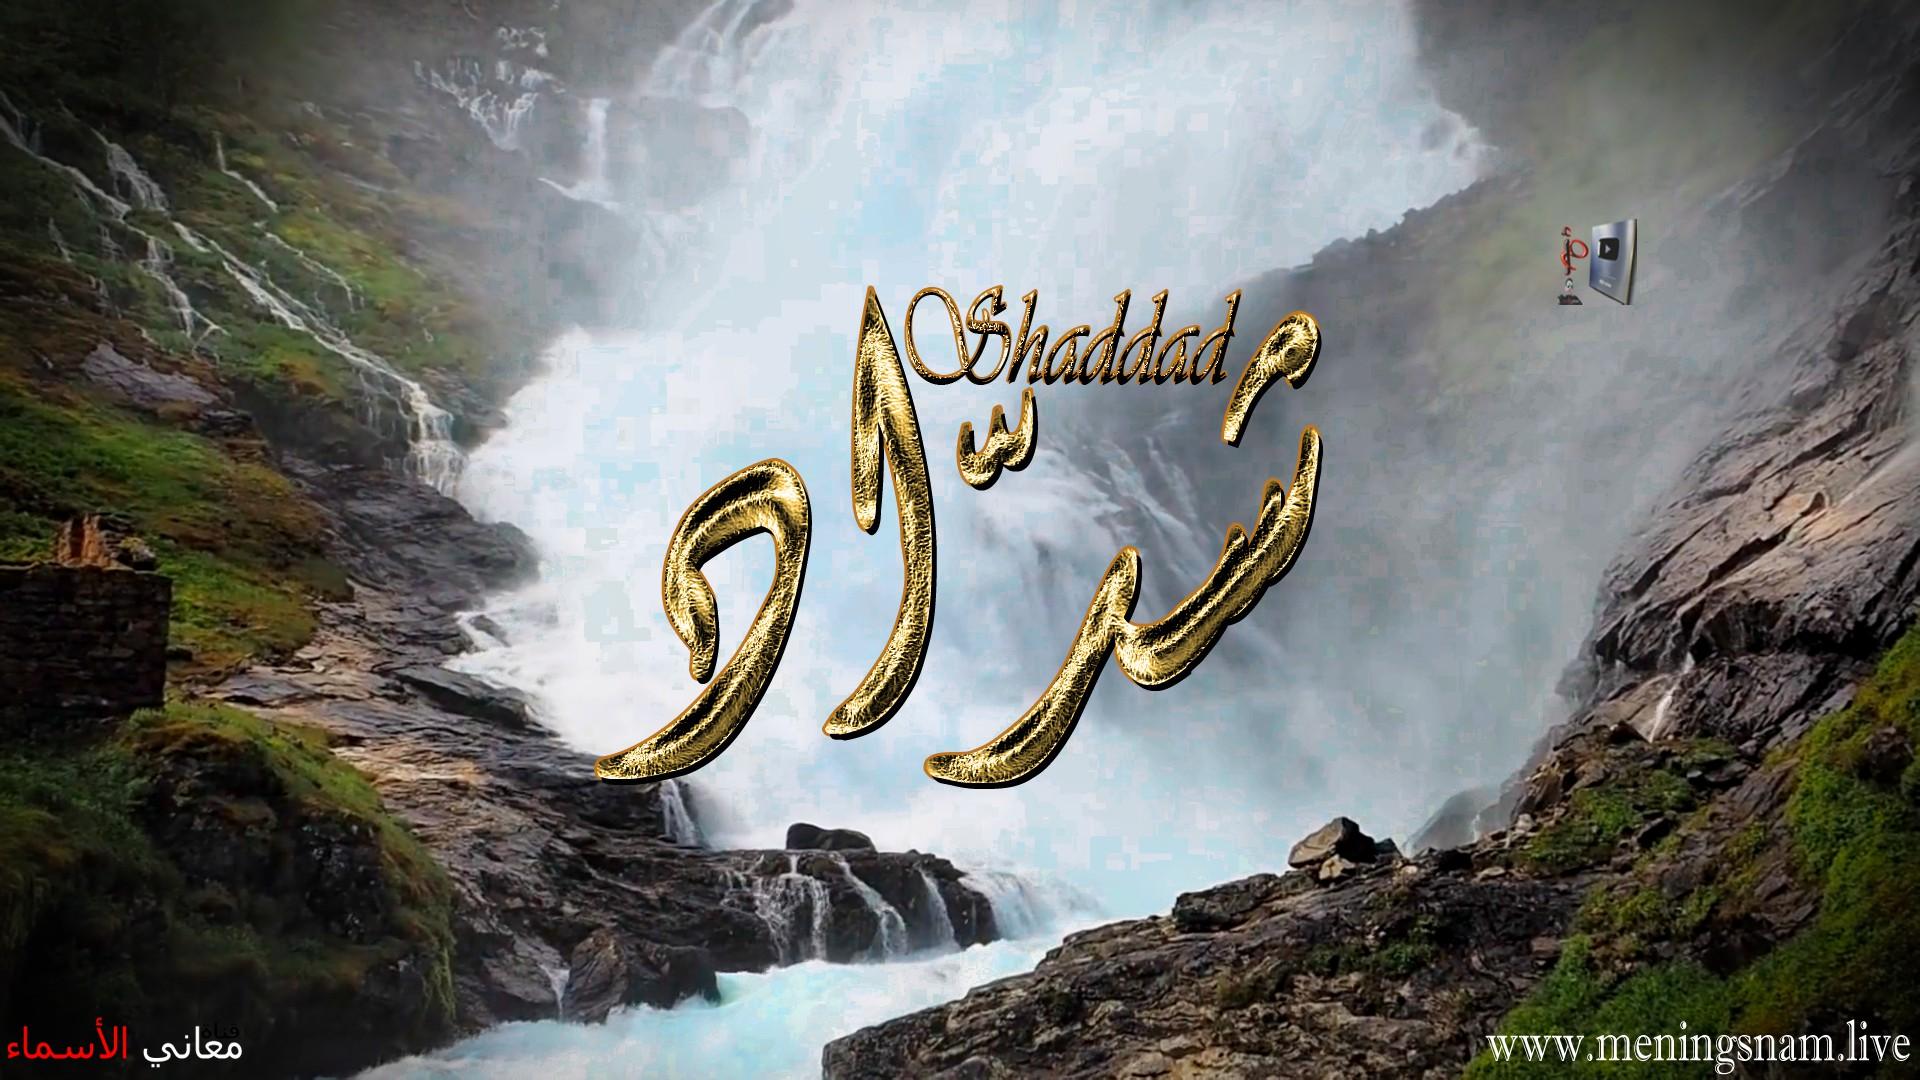 معنى اسم شداد وصفات حامل هذا الاسم shaddad